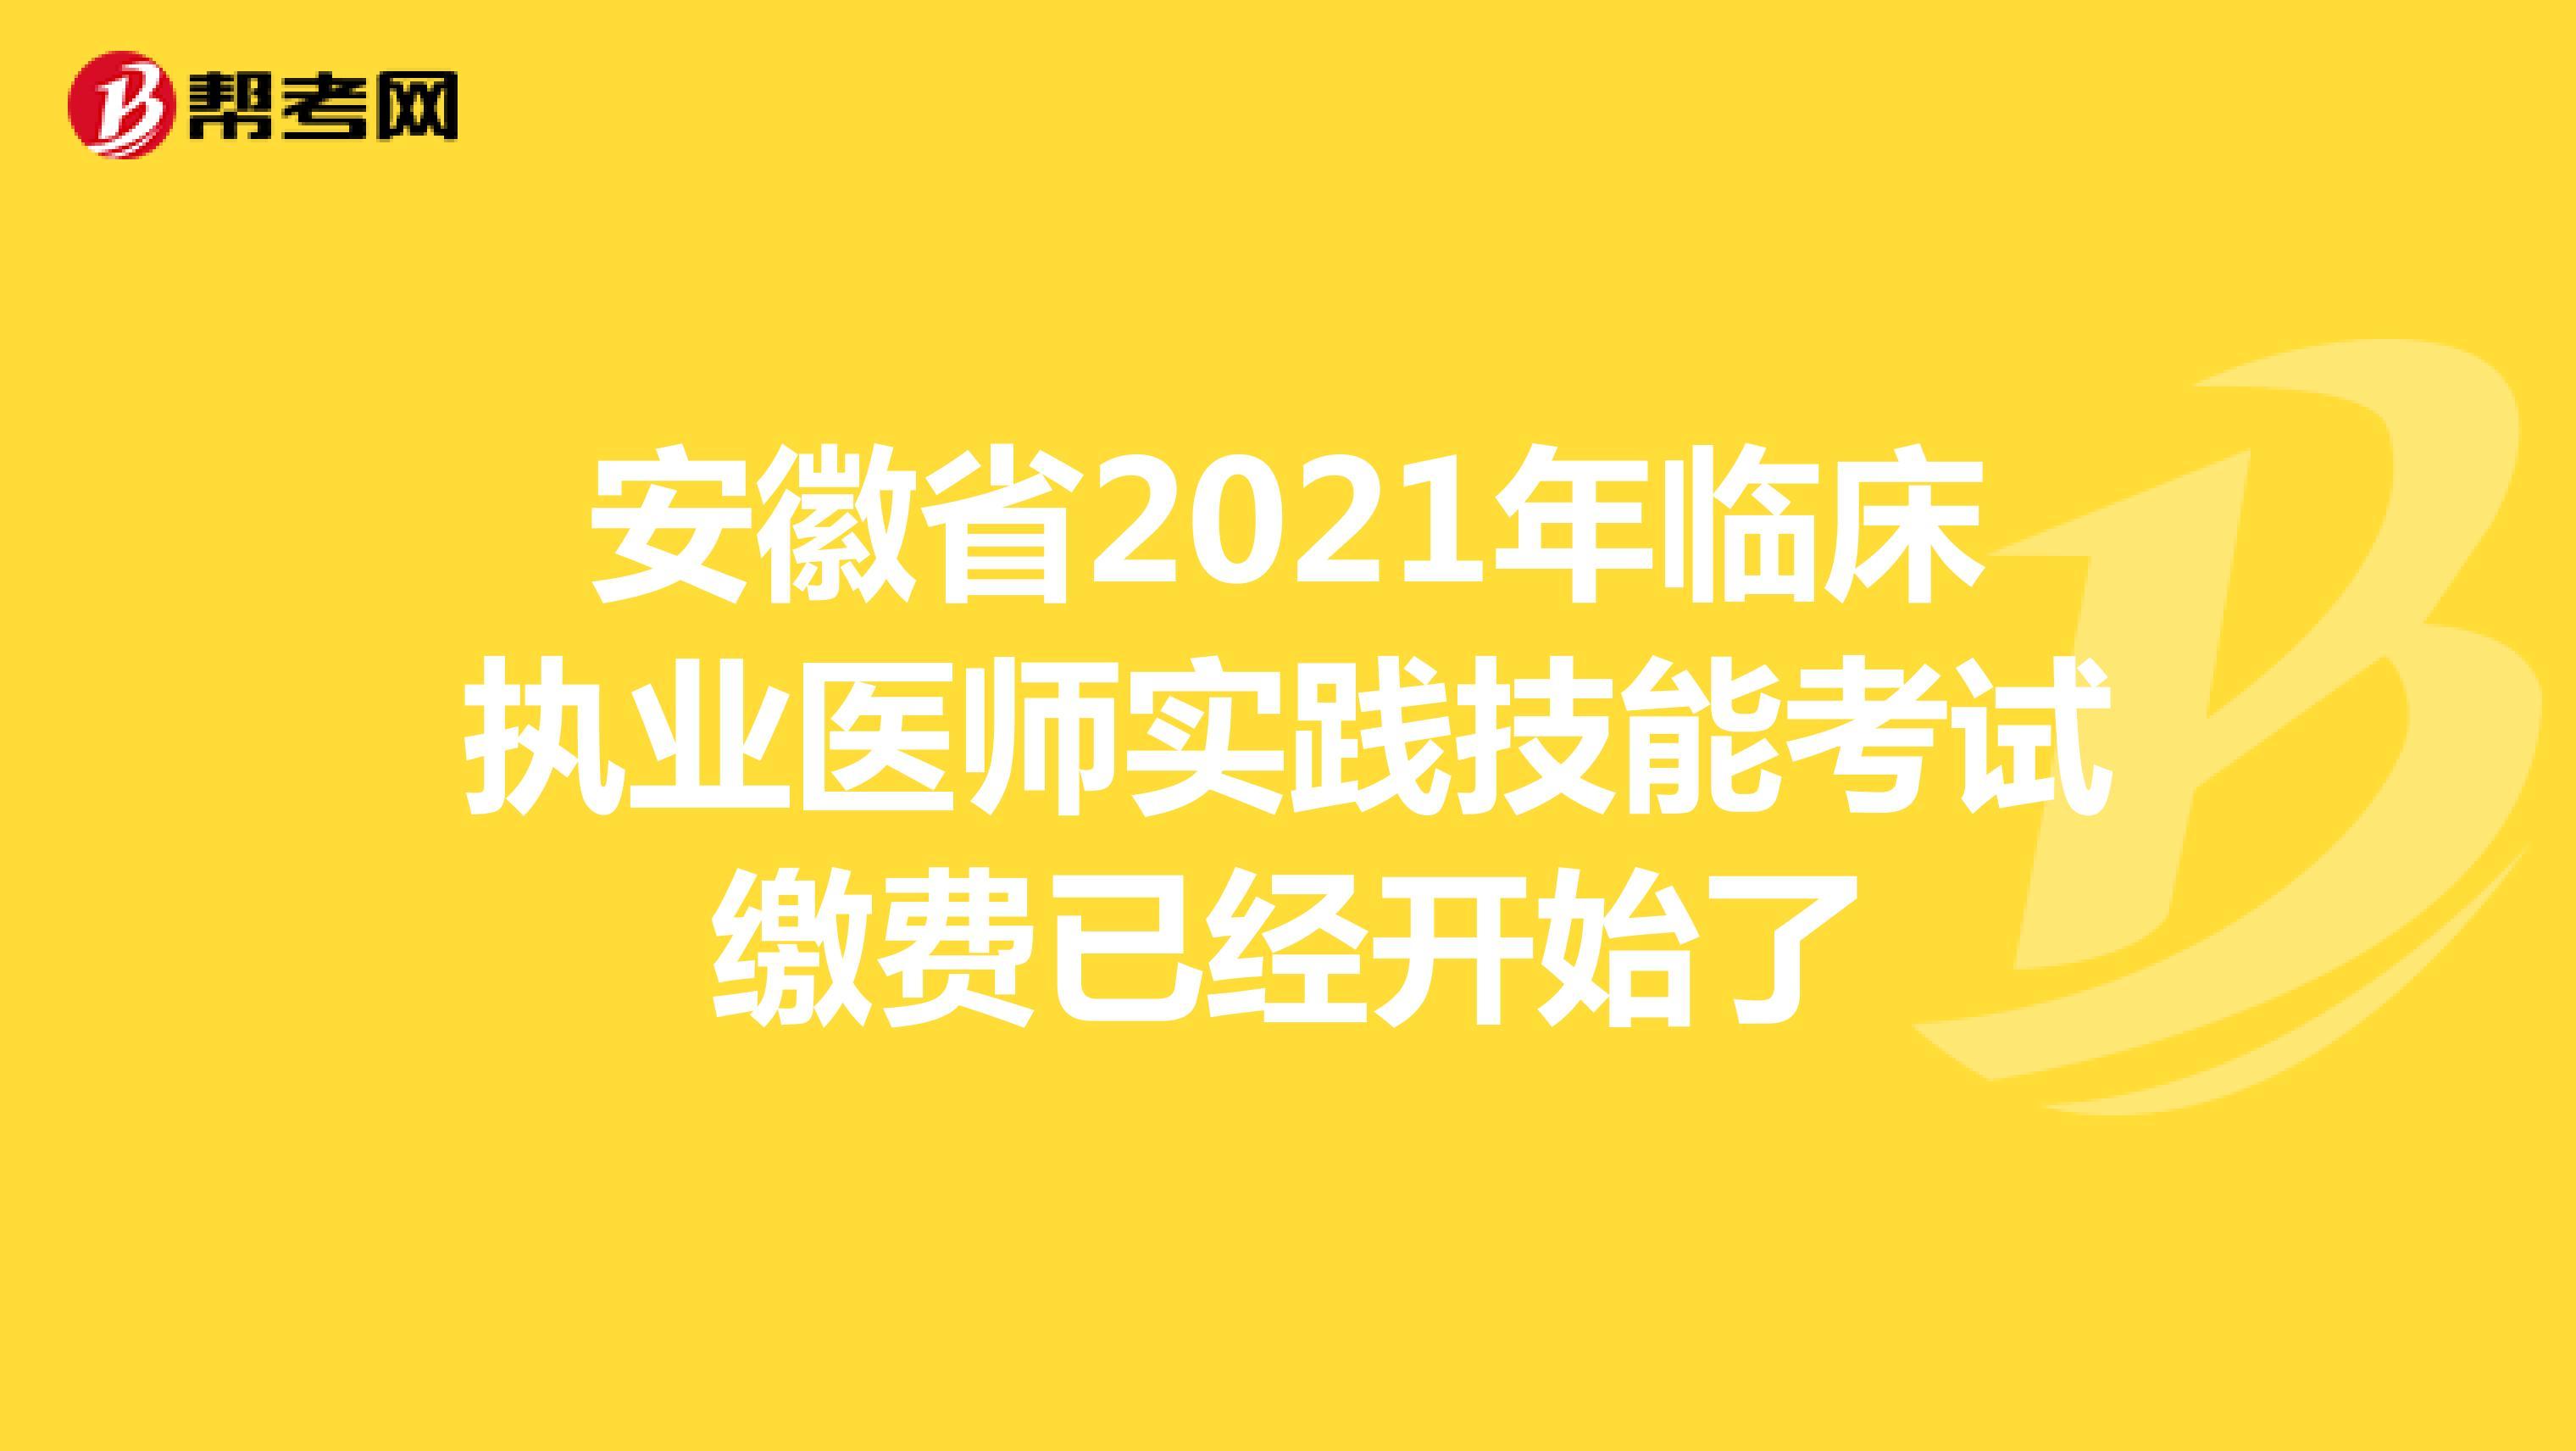 安徽省2021年临床执业医师实践技能考试缴费已经开始了